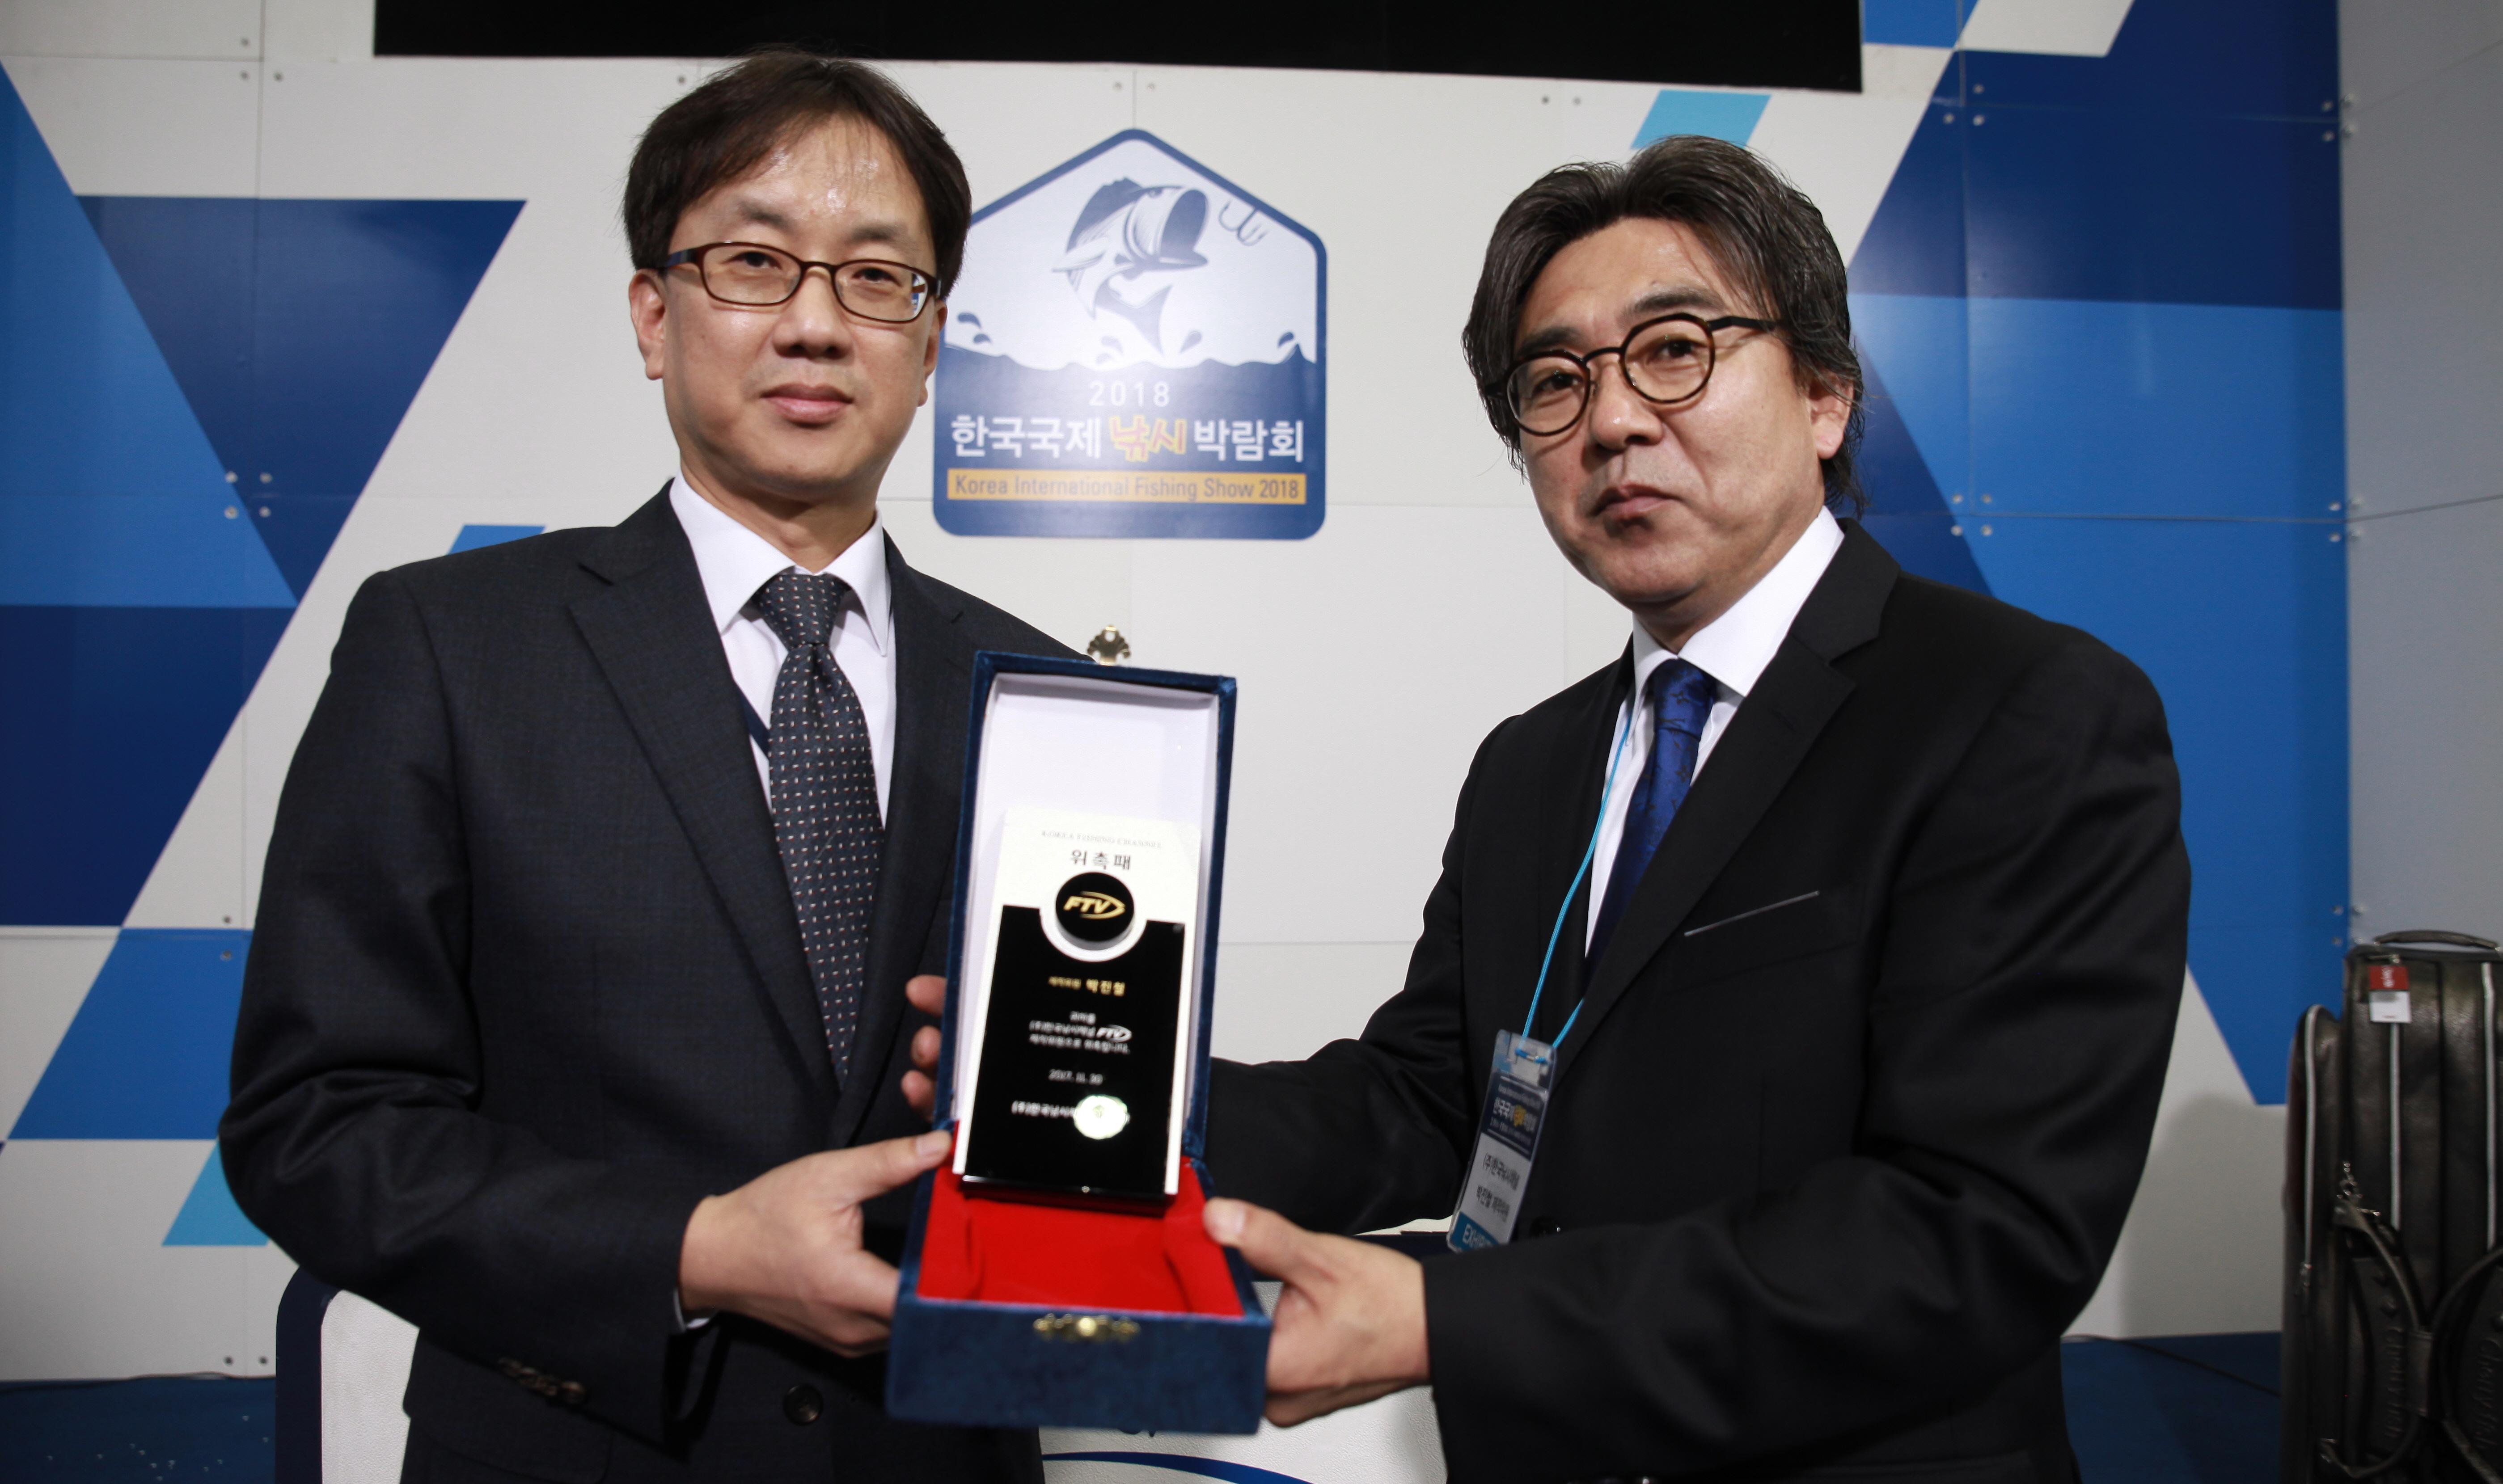 [포토] 박진철 프로, '2018한국국제낚시박람회'서 FTV 제작위원 위촉패 수여